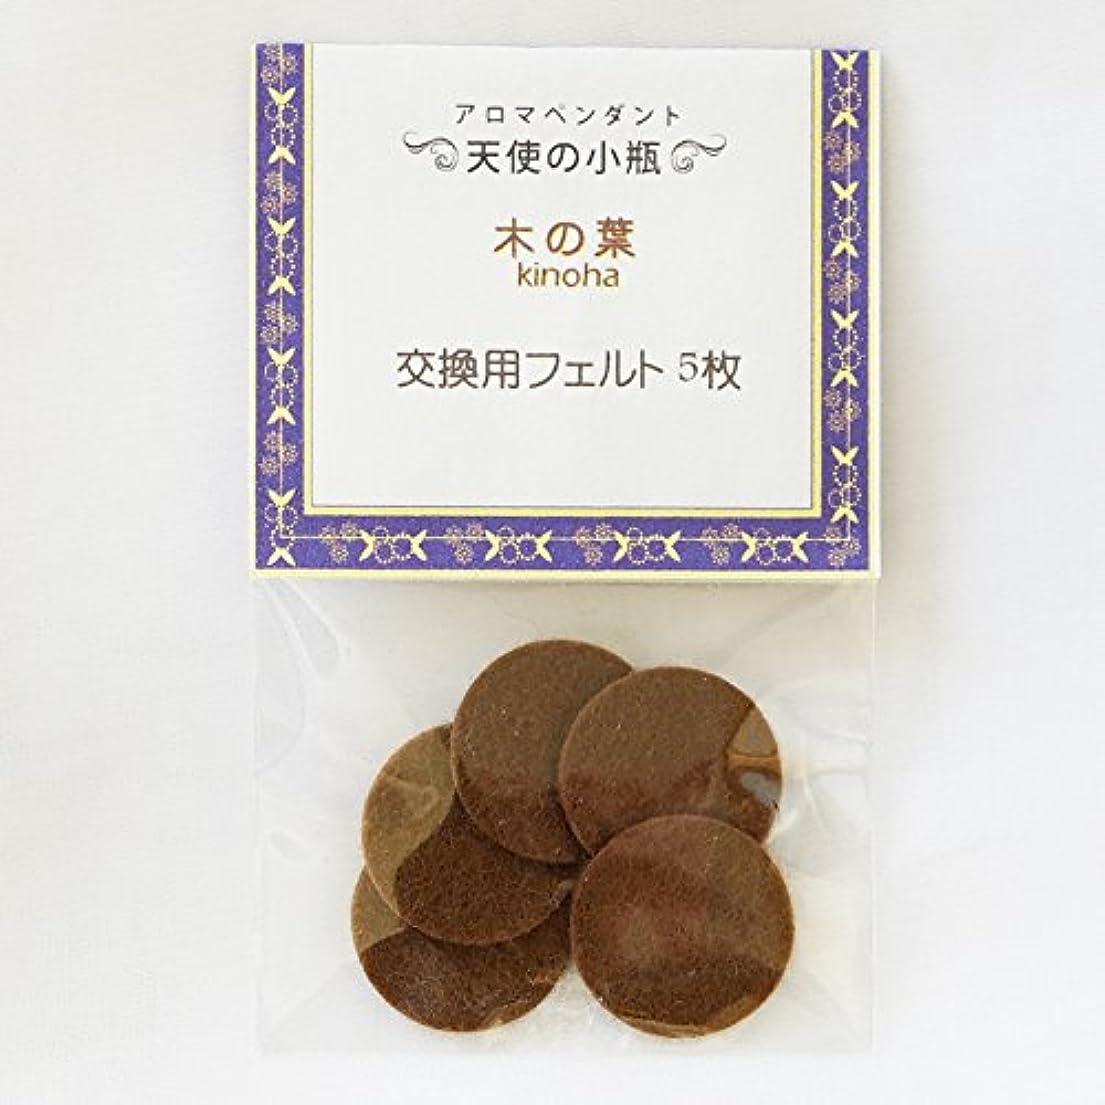 盆荒涼としたおばさん【天使の小瓶】 木の葉(アンティークゴールド)交換用フェルト5枚